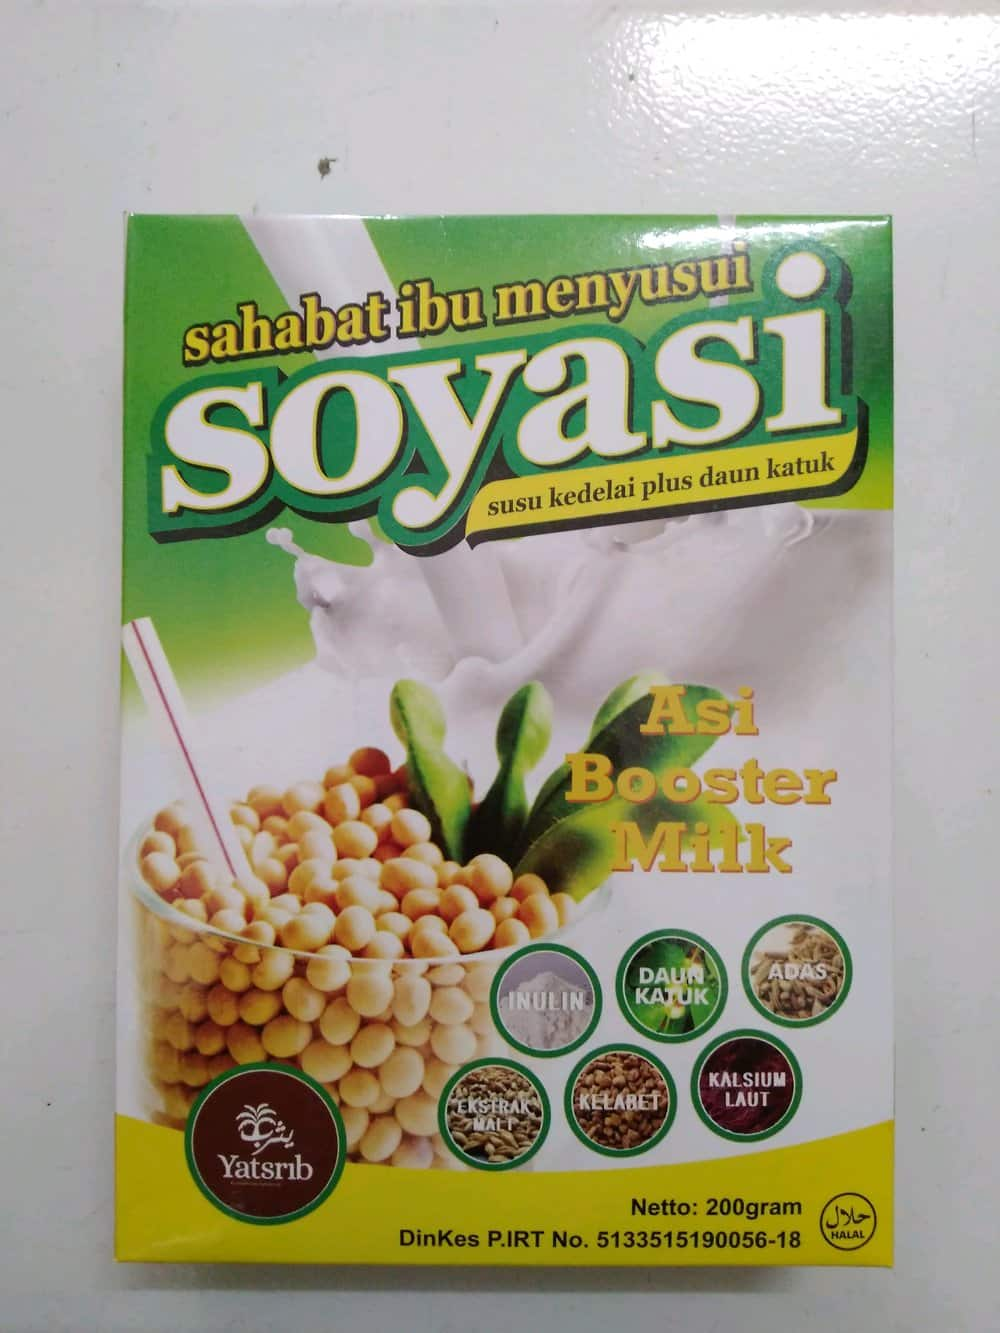 Soyasi